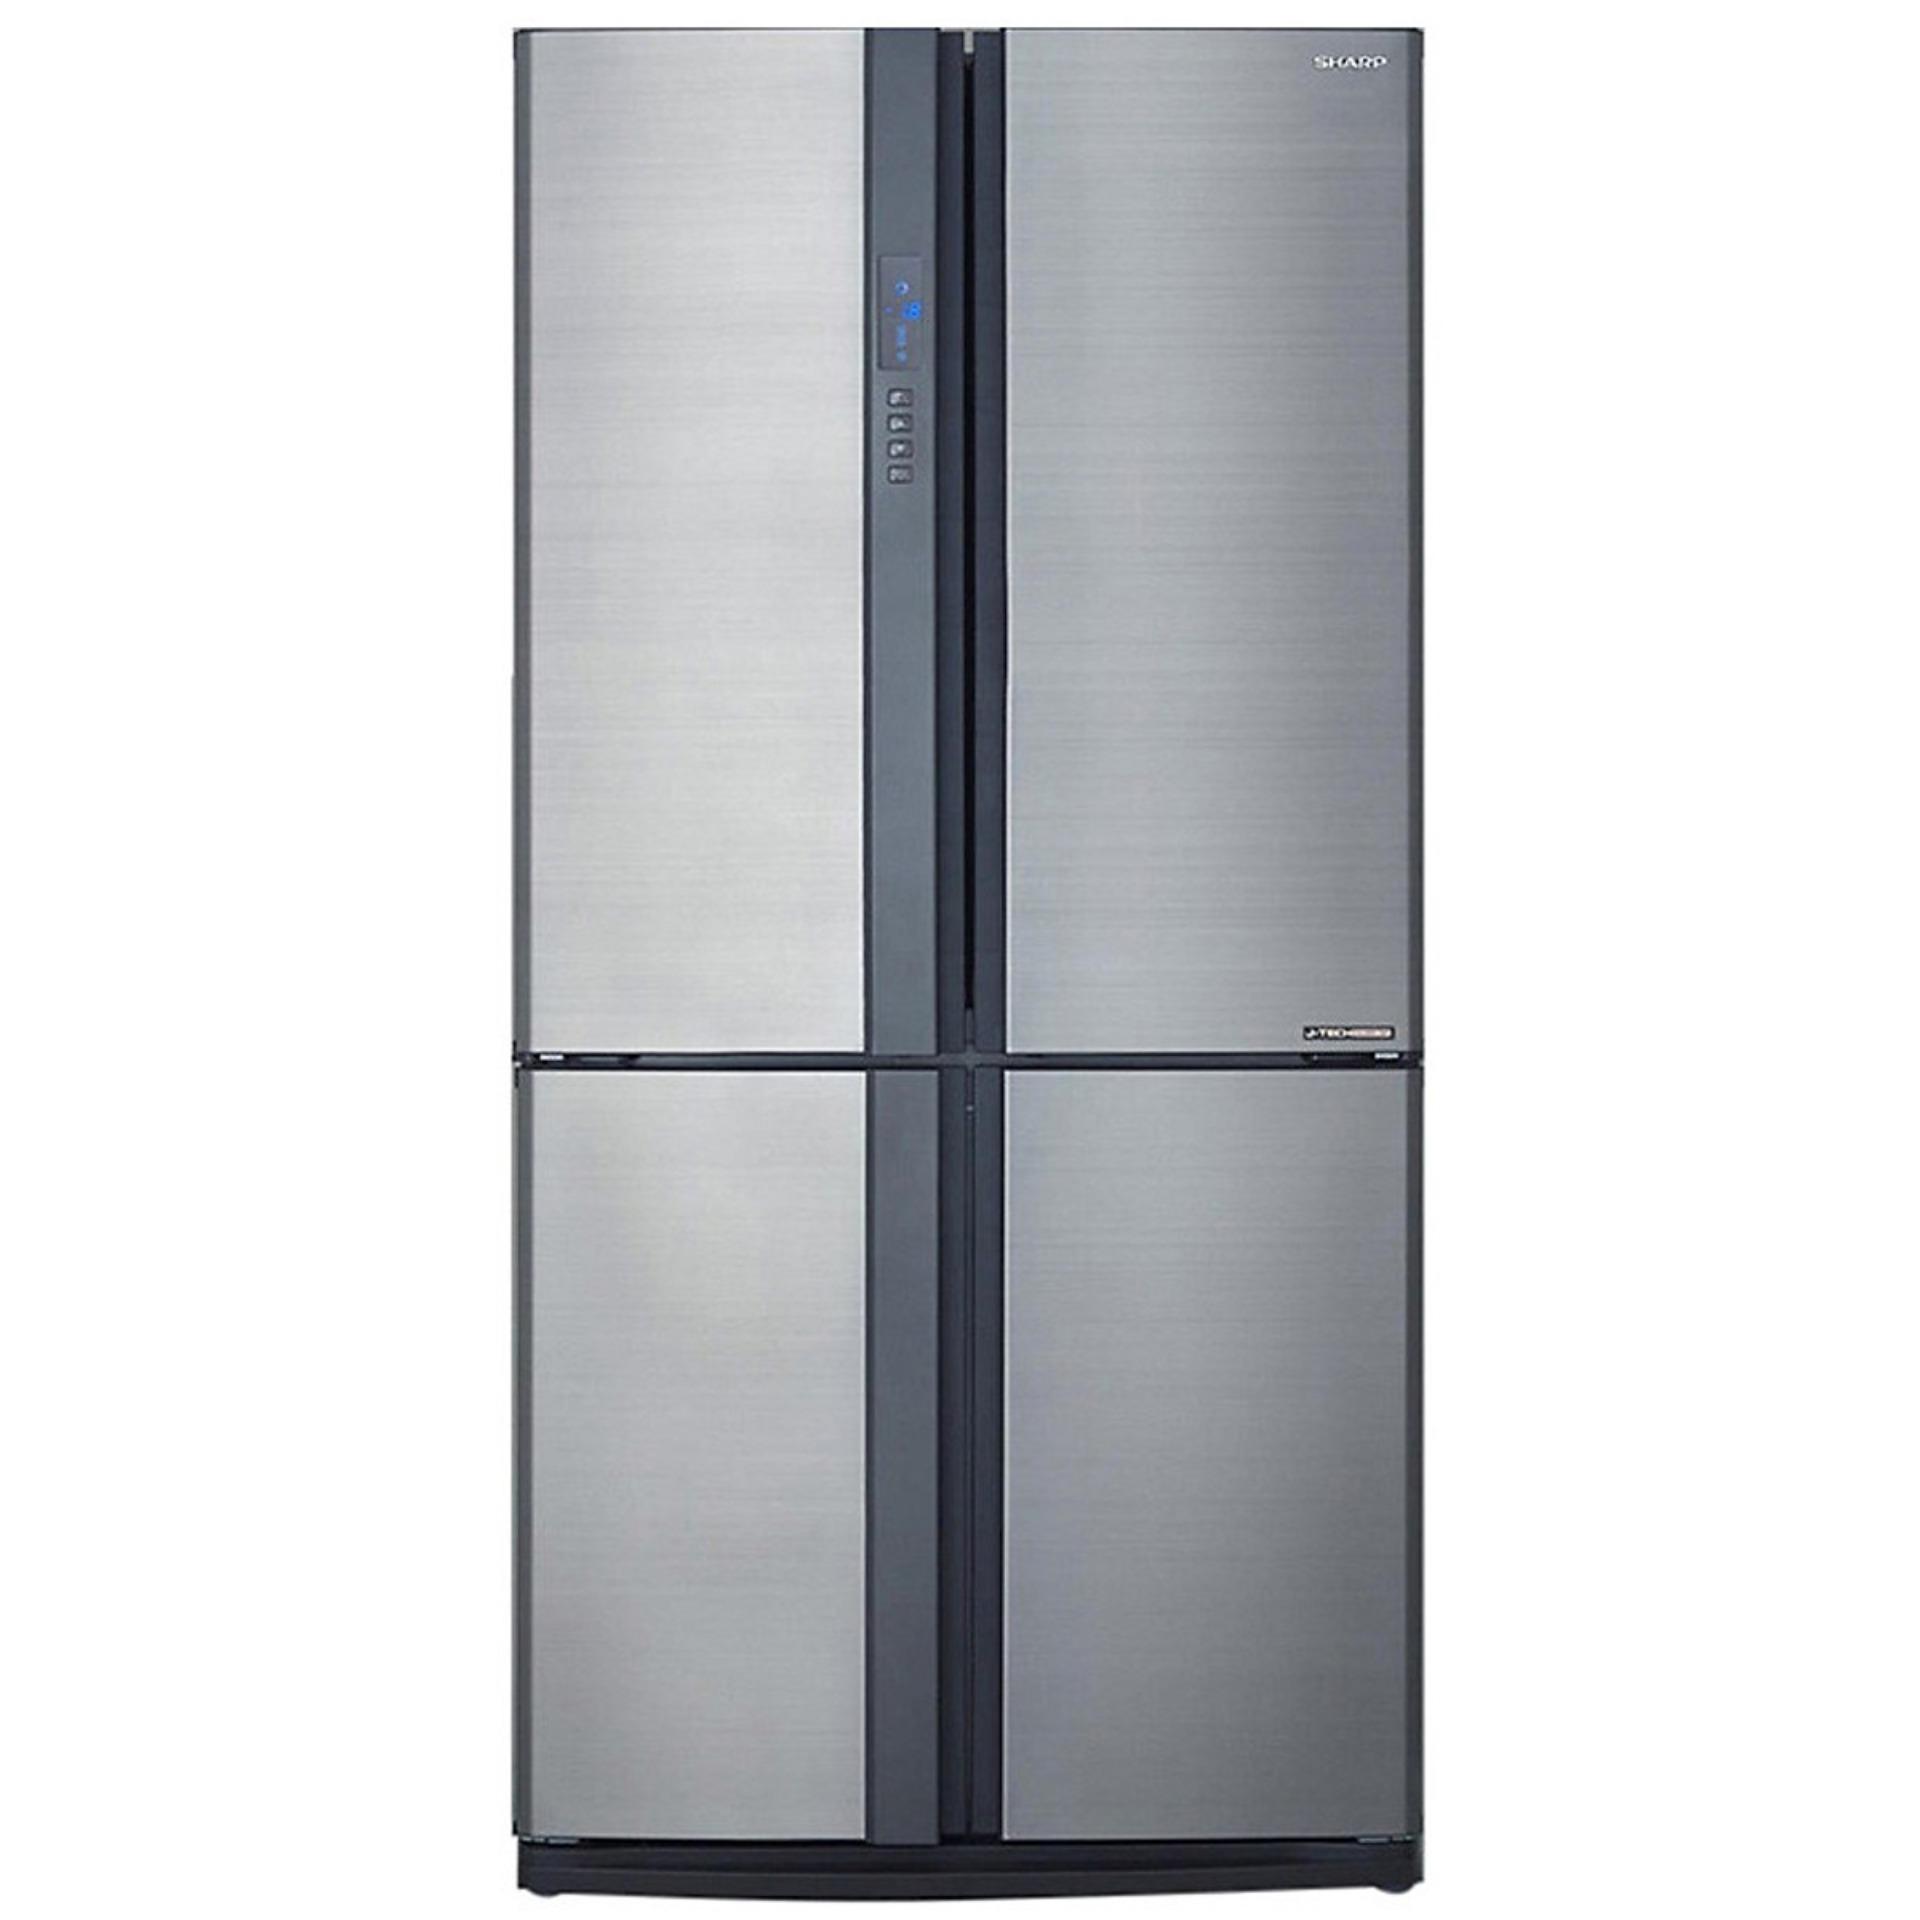 Bảng giá Tủ Lạnh Sharp SJ-FX631V-SL Điện máy Pico